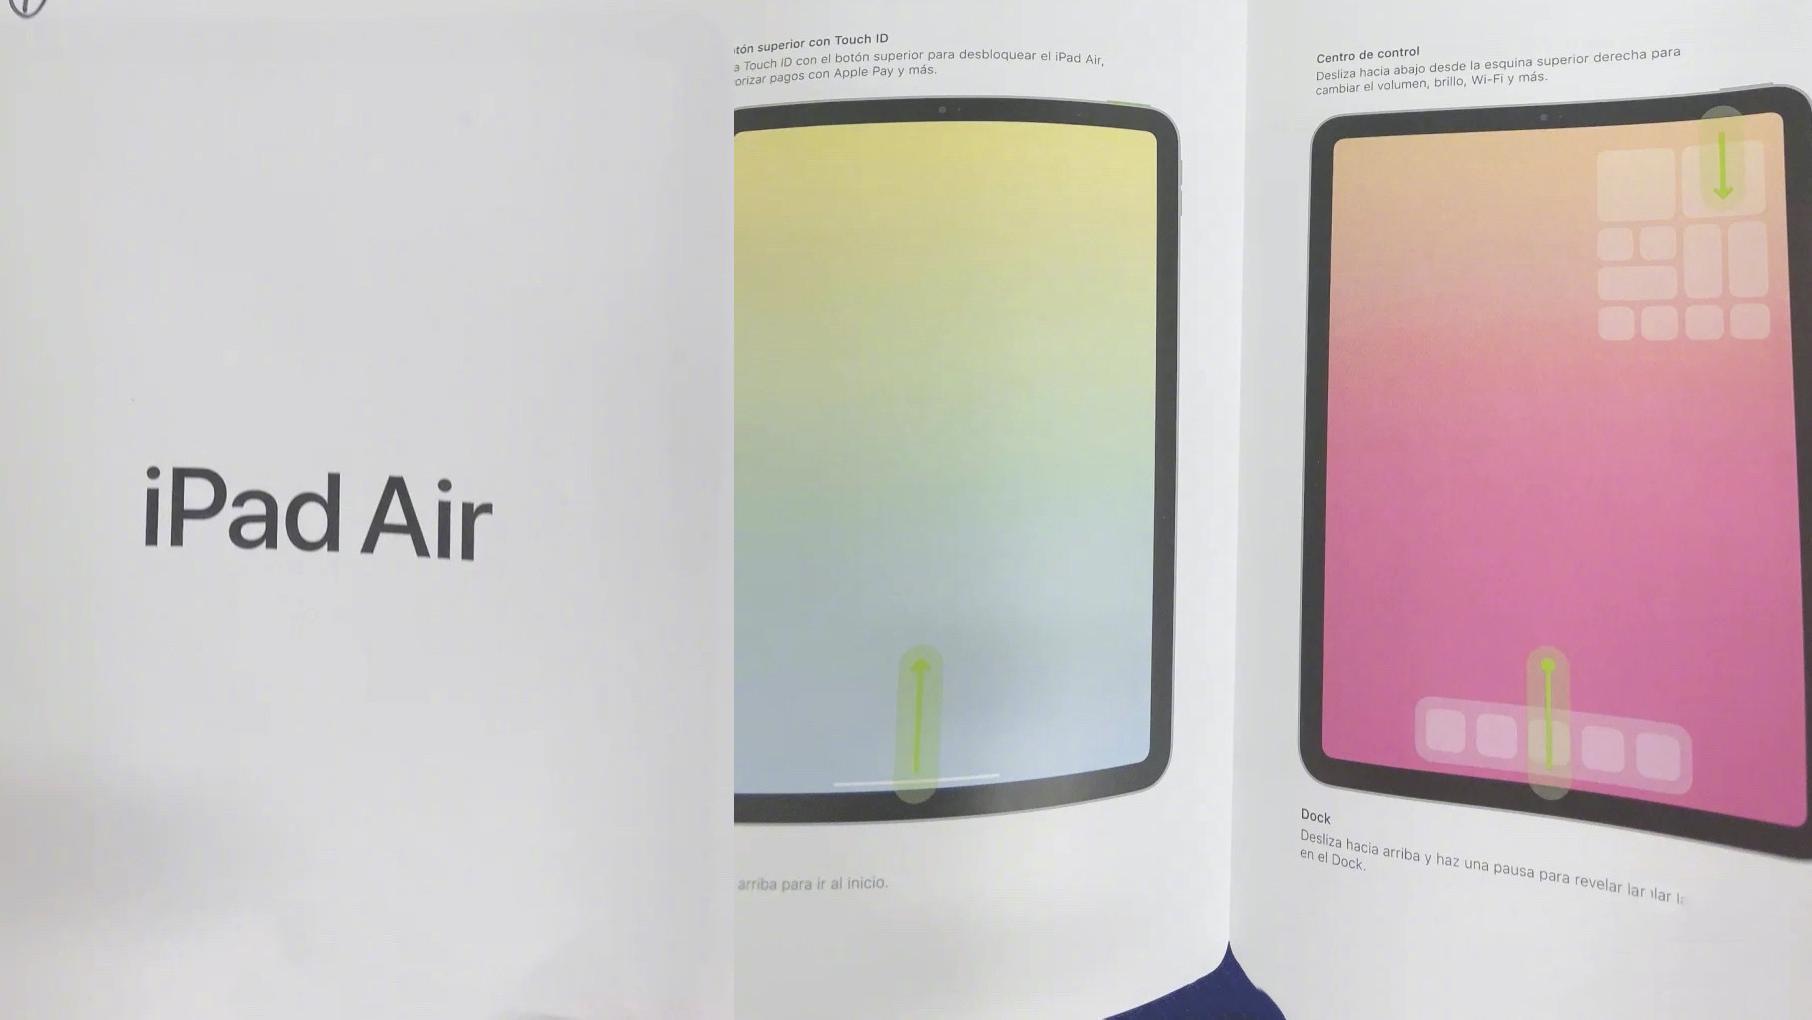 只差价格!新iPad Air即将发布被实锤,跟上了安卓厂商的节奏?